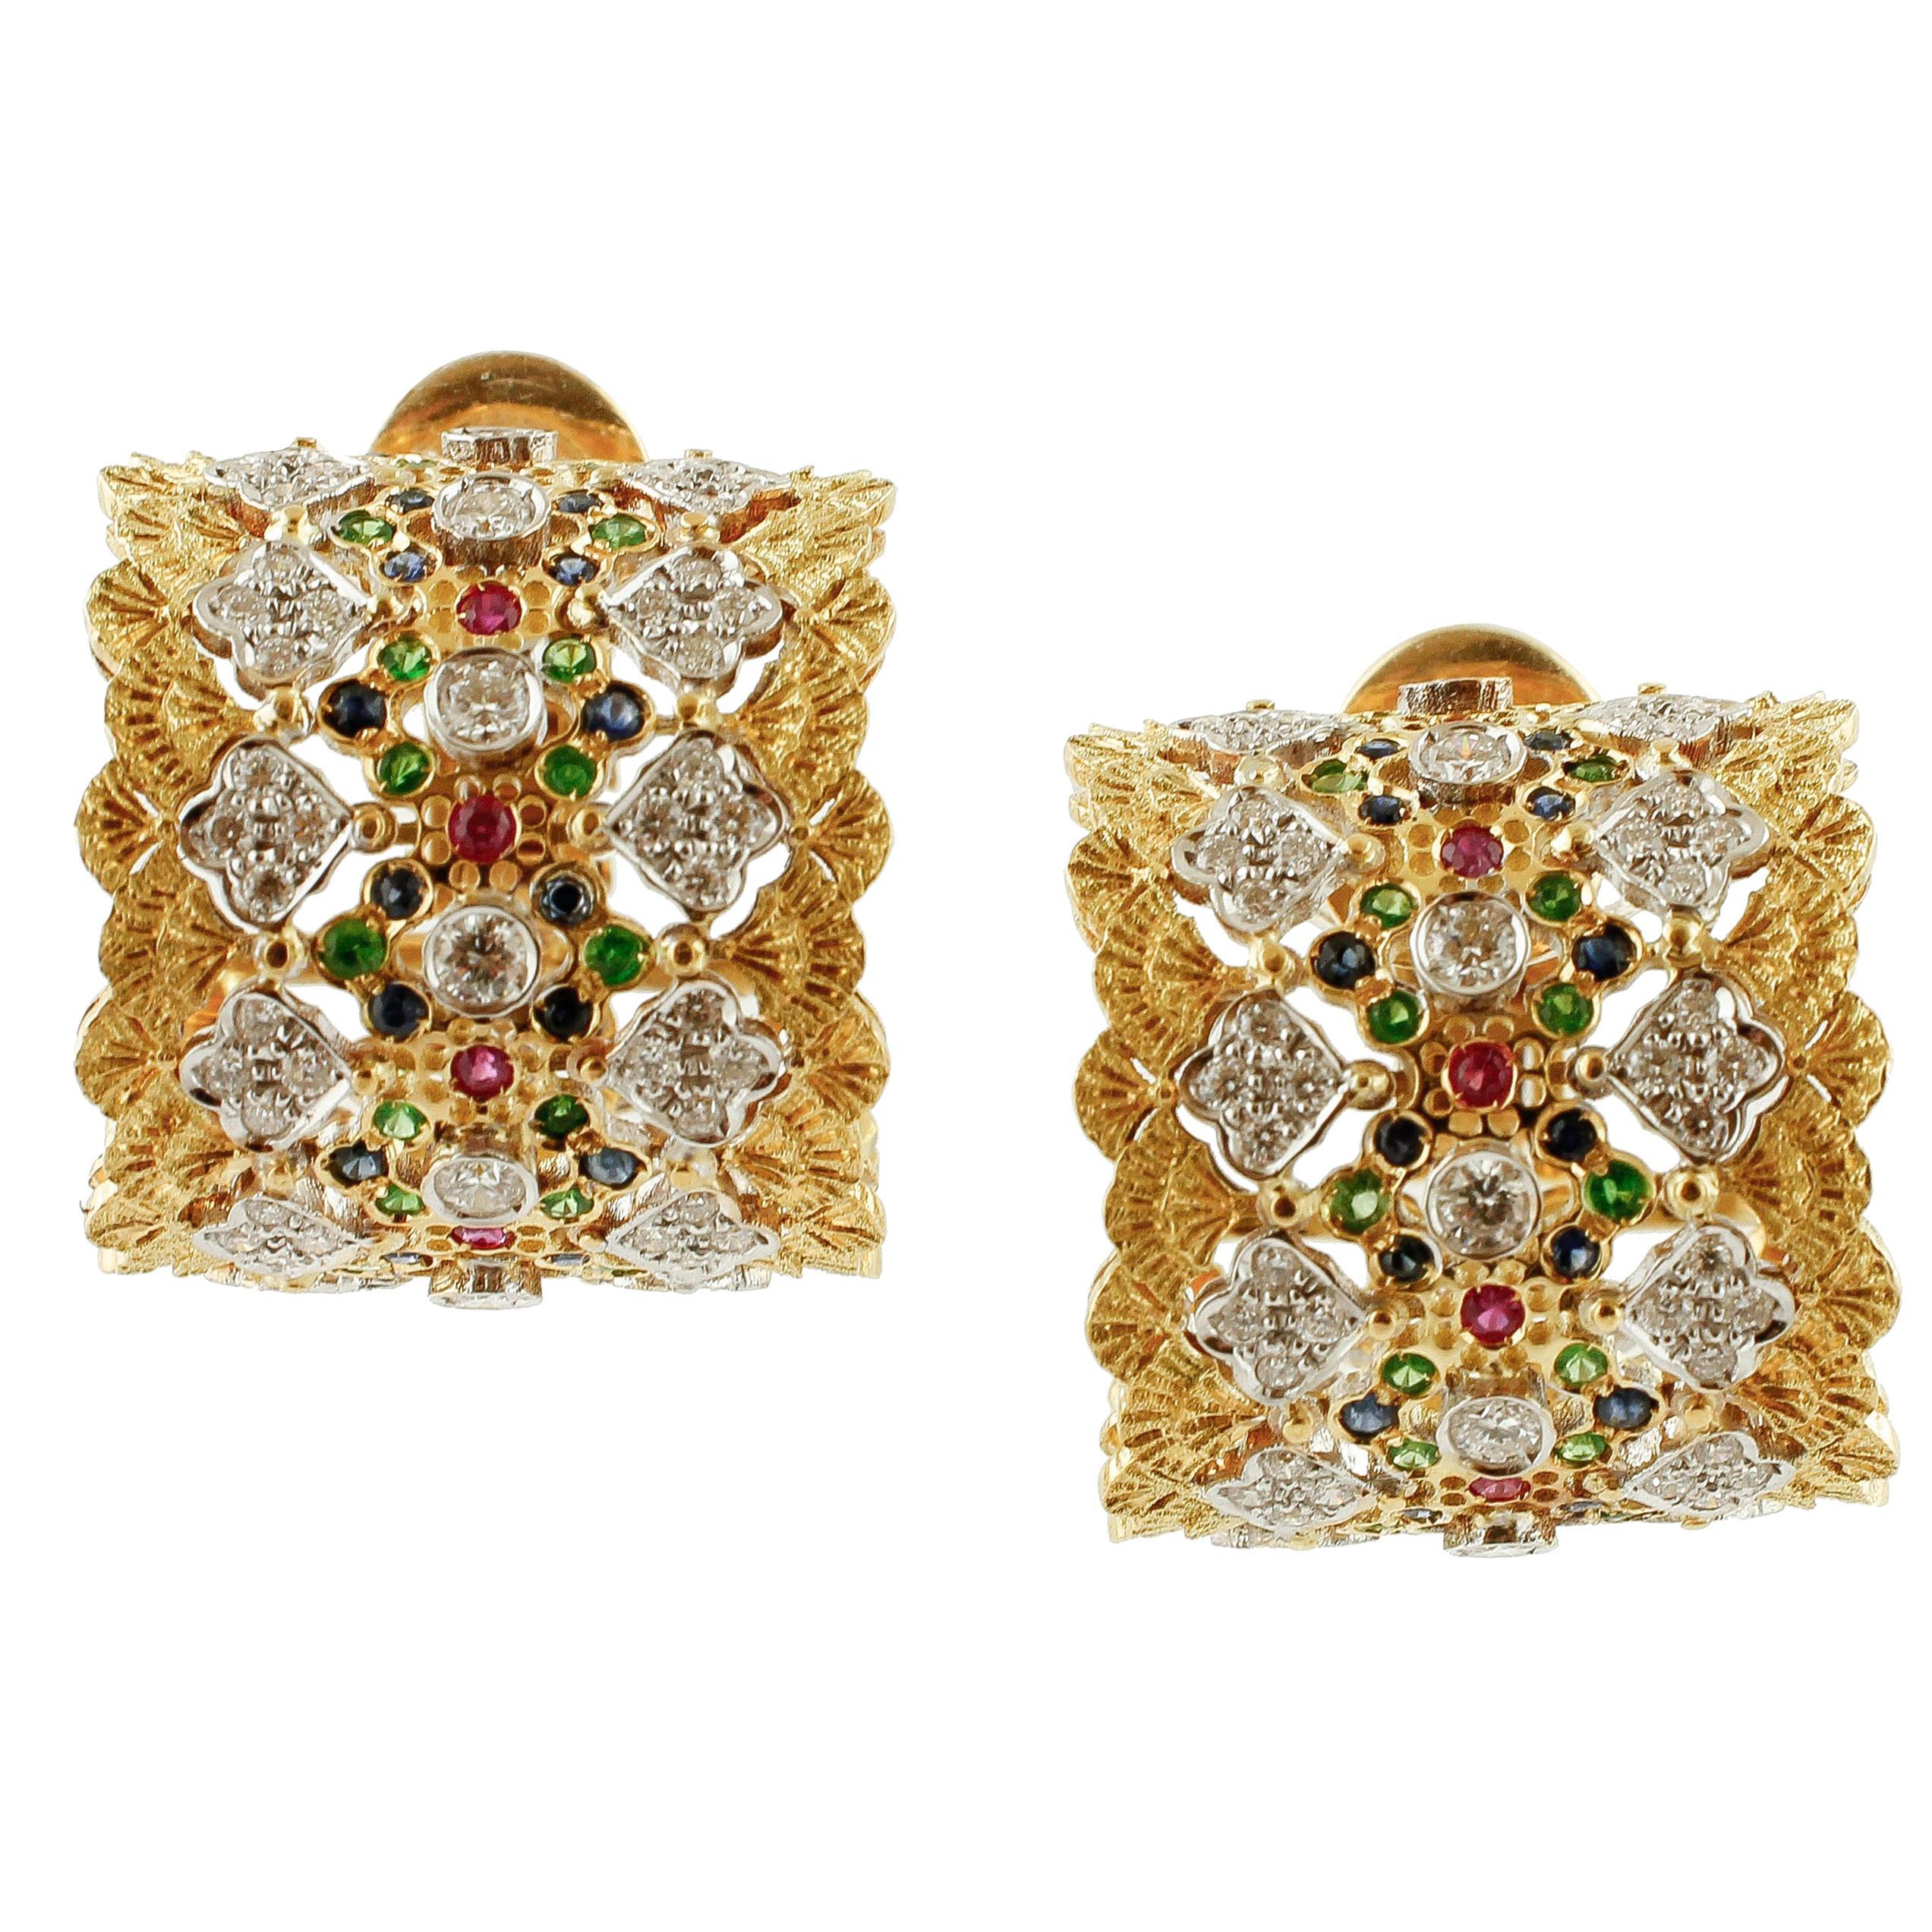 White Diamonds Rubies Blue Sapphires Tsavorites 18K Yellow Gold Clip-On Earrings